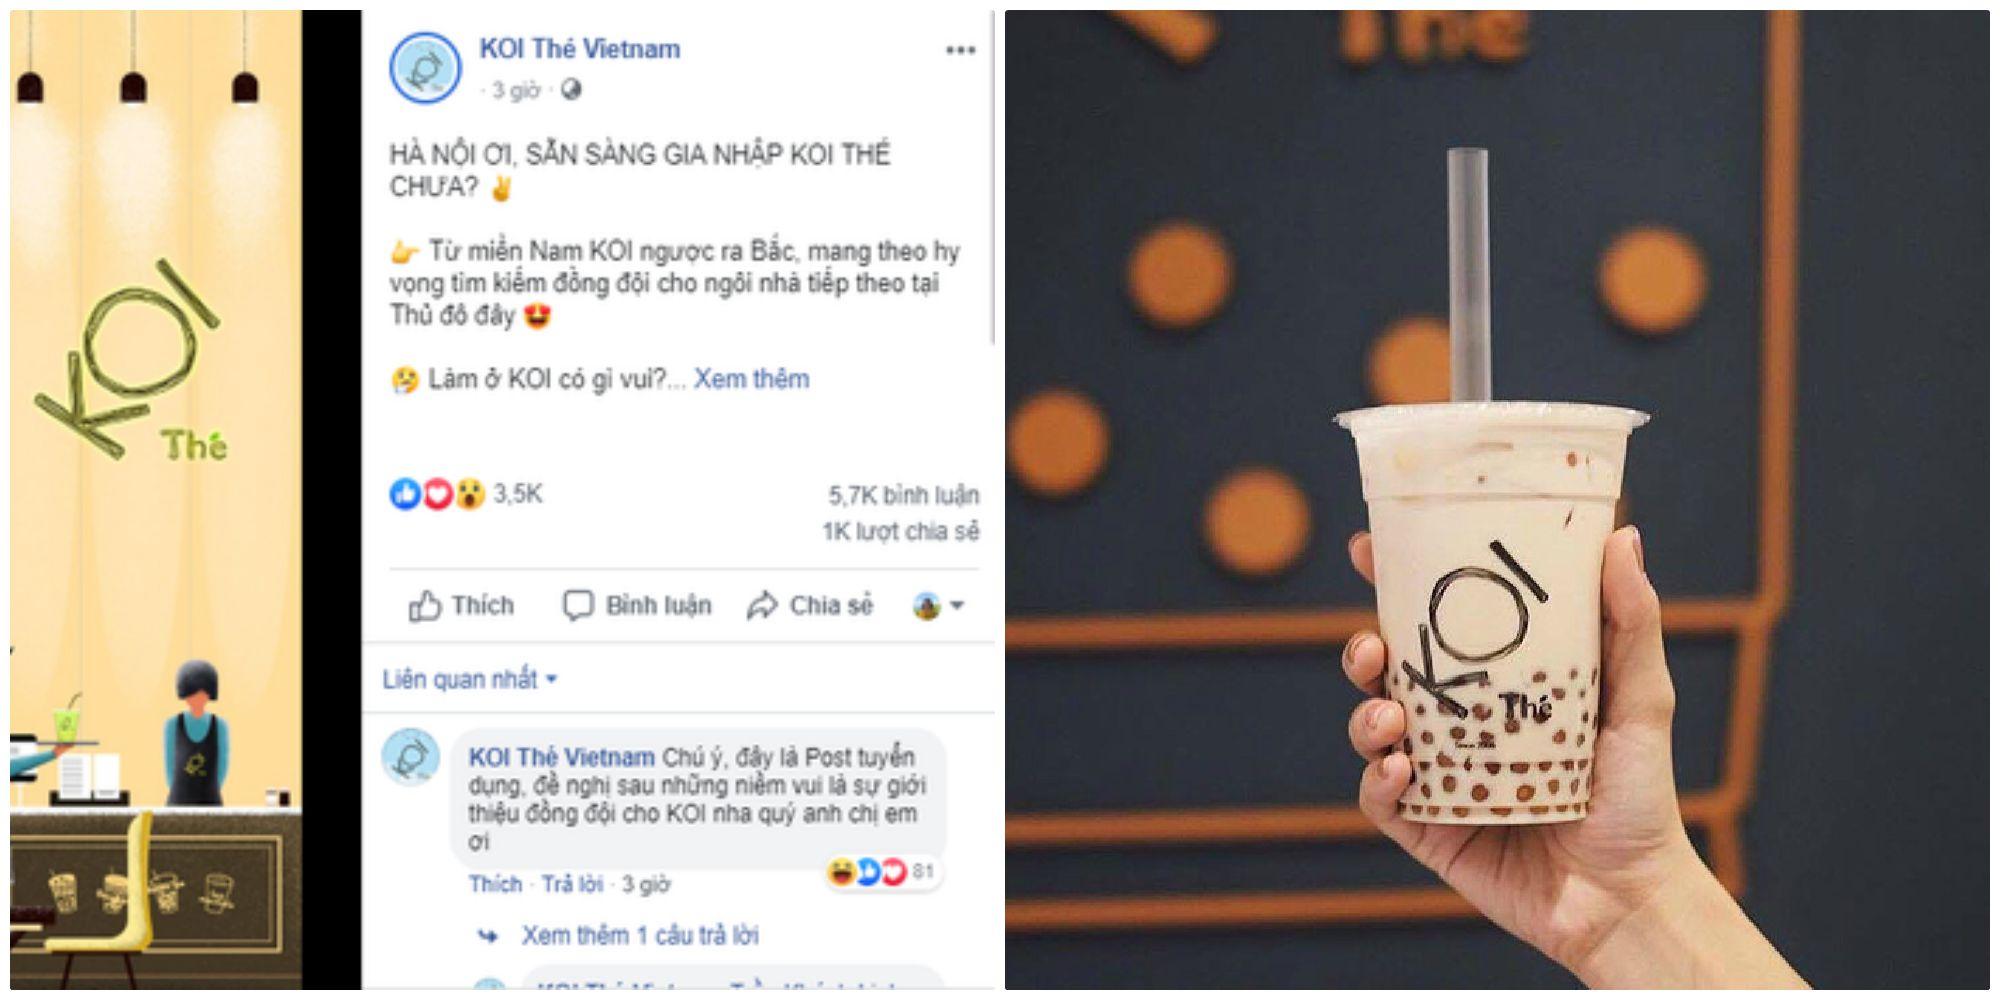 """Tin được không? Trà sữa KOI Thé nức nở Sài Thành sắp sửa """"cập bến"""" thủ đô Hà Nội"""